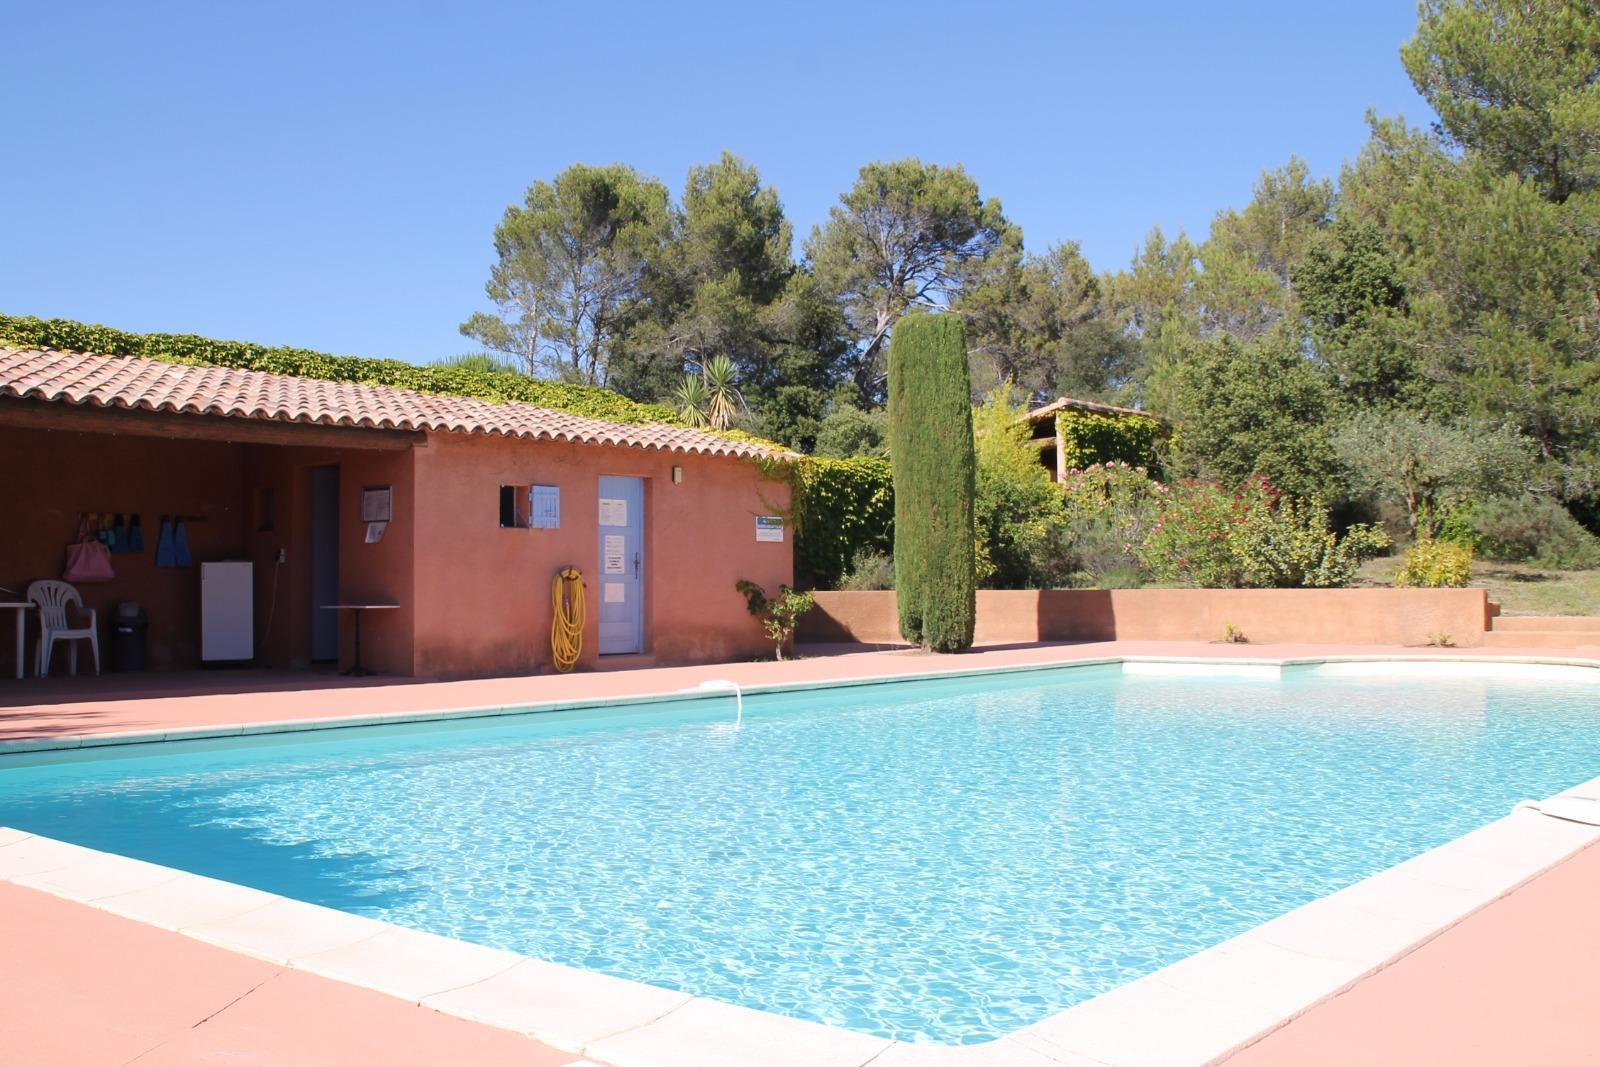 Vente vaison proche centre ville dans residence avec - Hotels vaison la romaine avec piscine ...